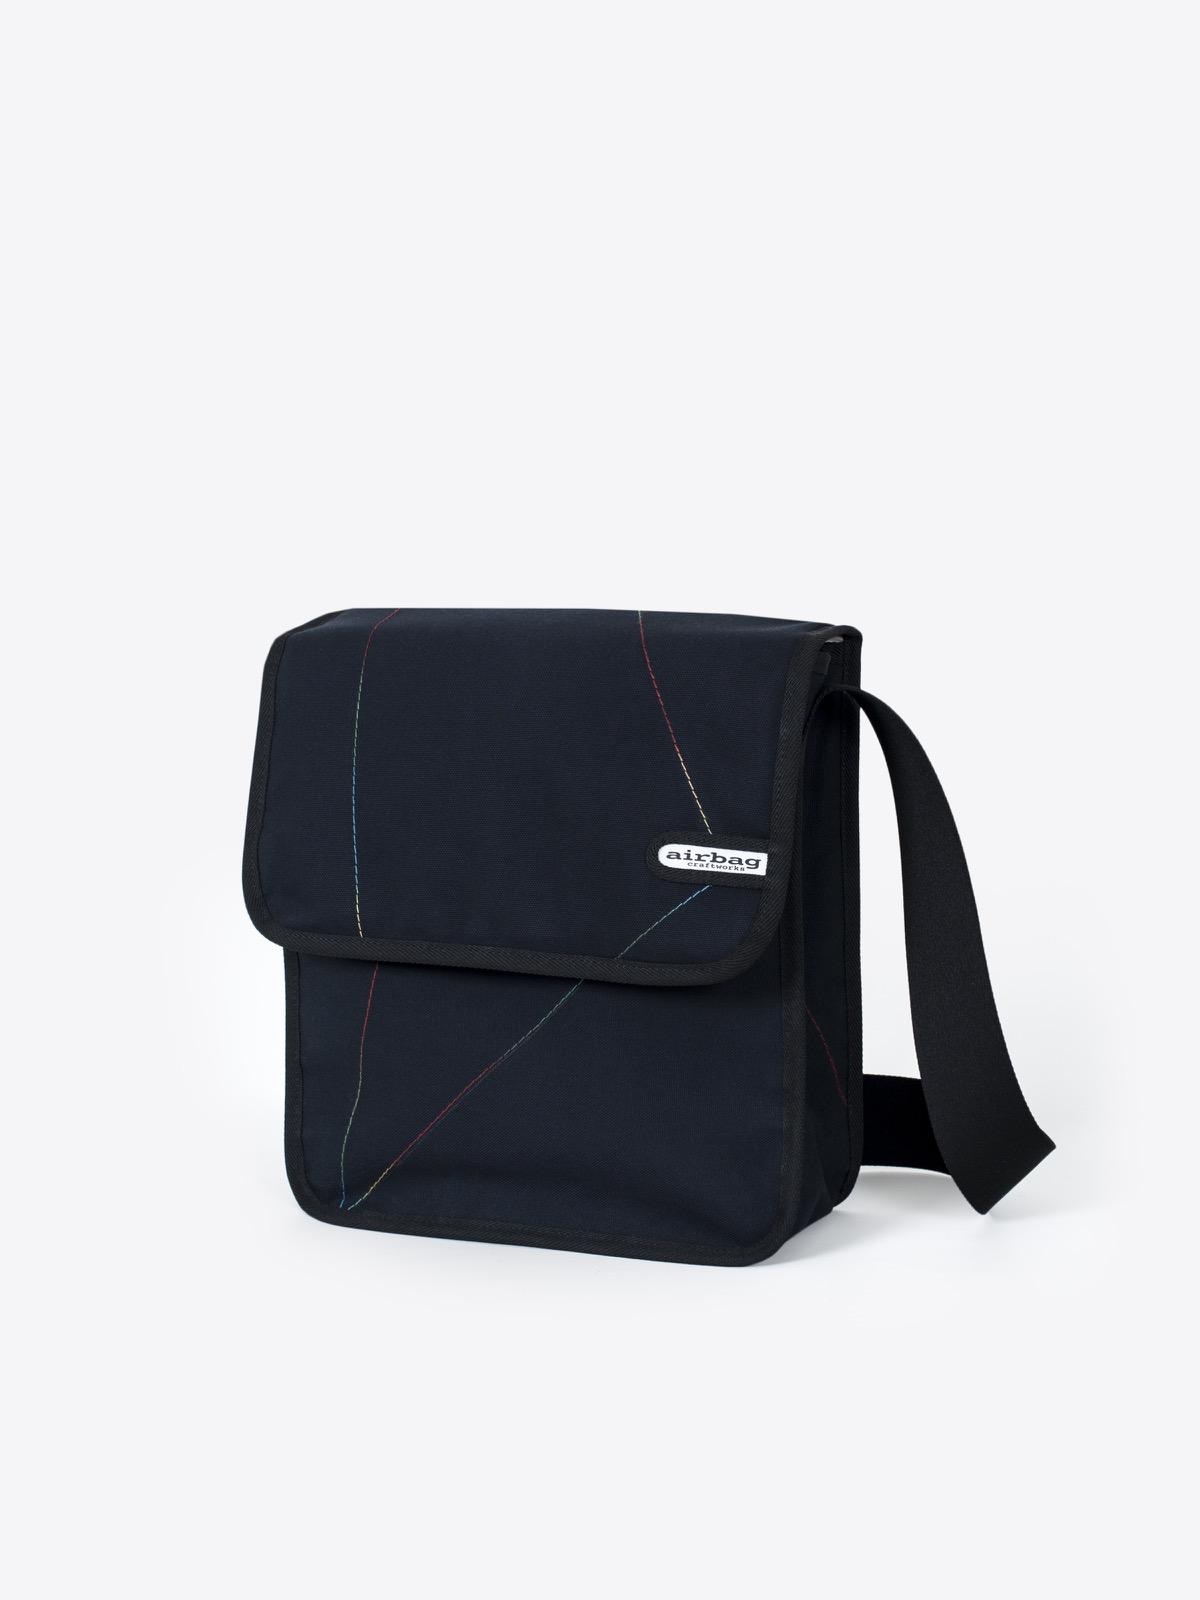 airbag craftworks easy stitch | deep blue